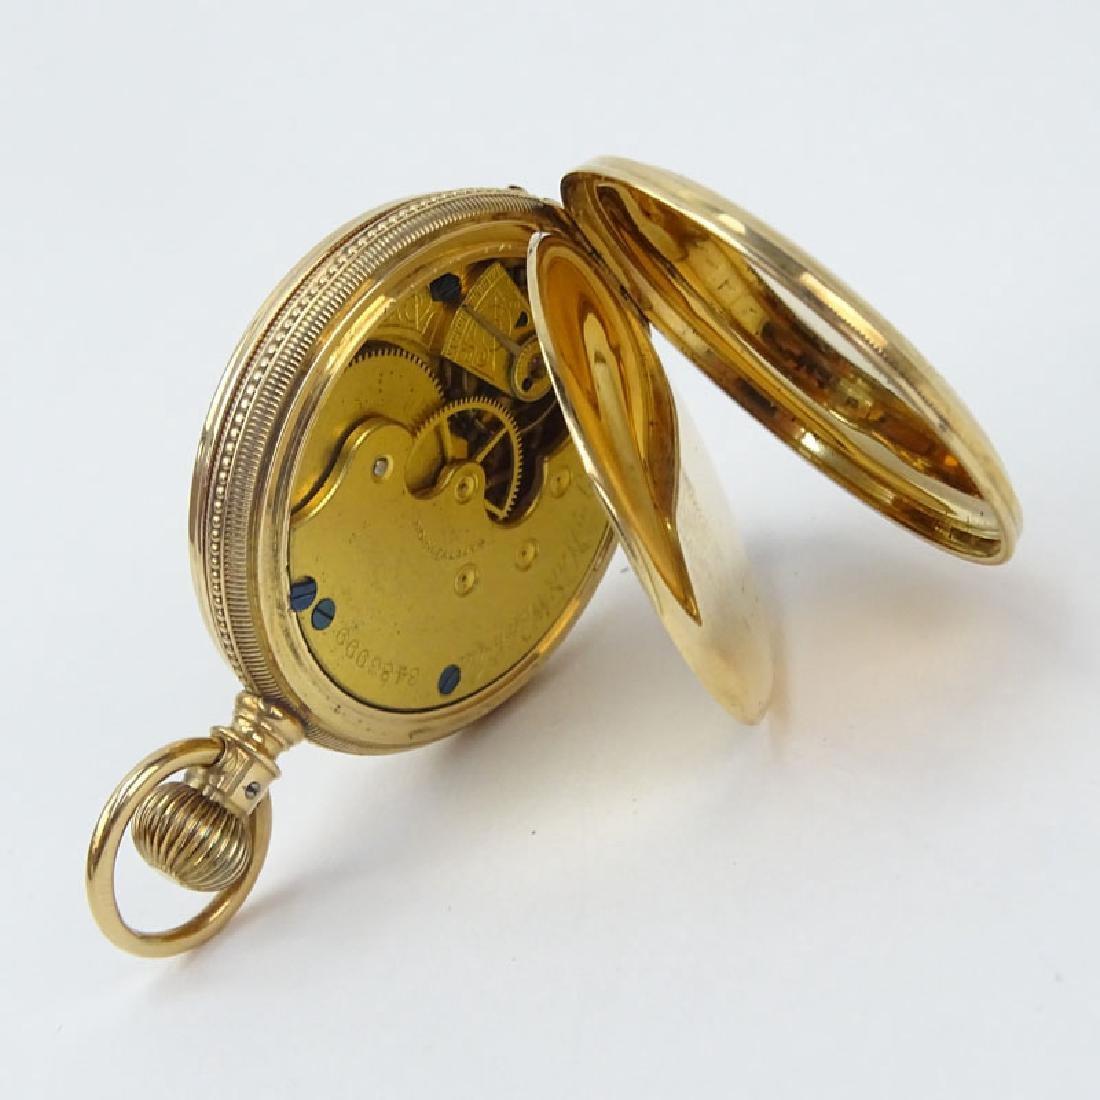 Antique Elgin 14 Karat Yellow Gold Engraved Pocket - 4